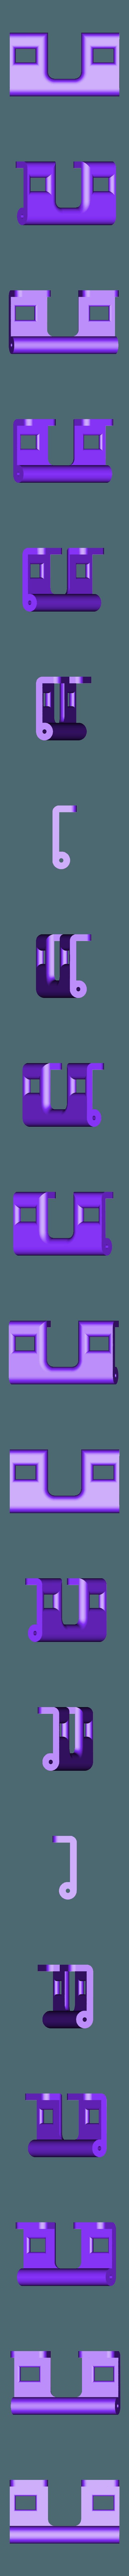 Adjustable Phone Cradle - Rest.stl Télécharger fichier STL gratuit Téléphone / Interrupteur / Petit berceau de tablette • Design pour impression 3D, ScubaScott